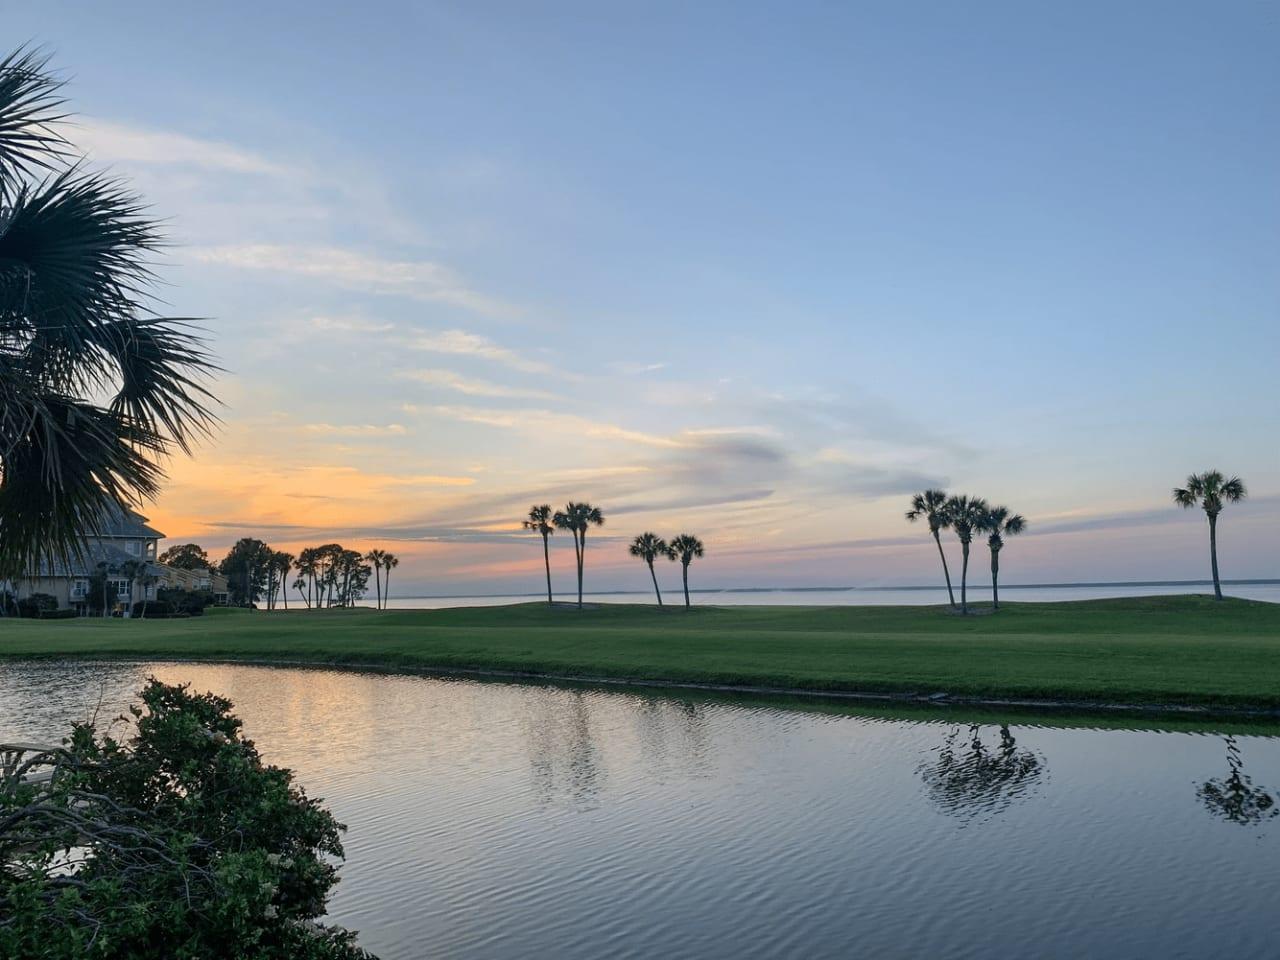 Top Florida Golf Courses to Play in Bonita Springs and Estero